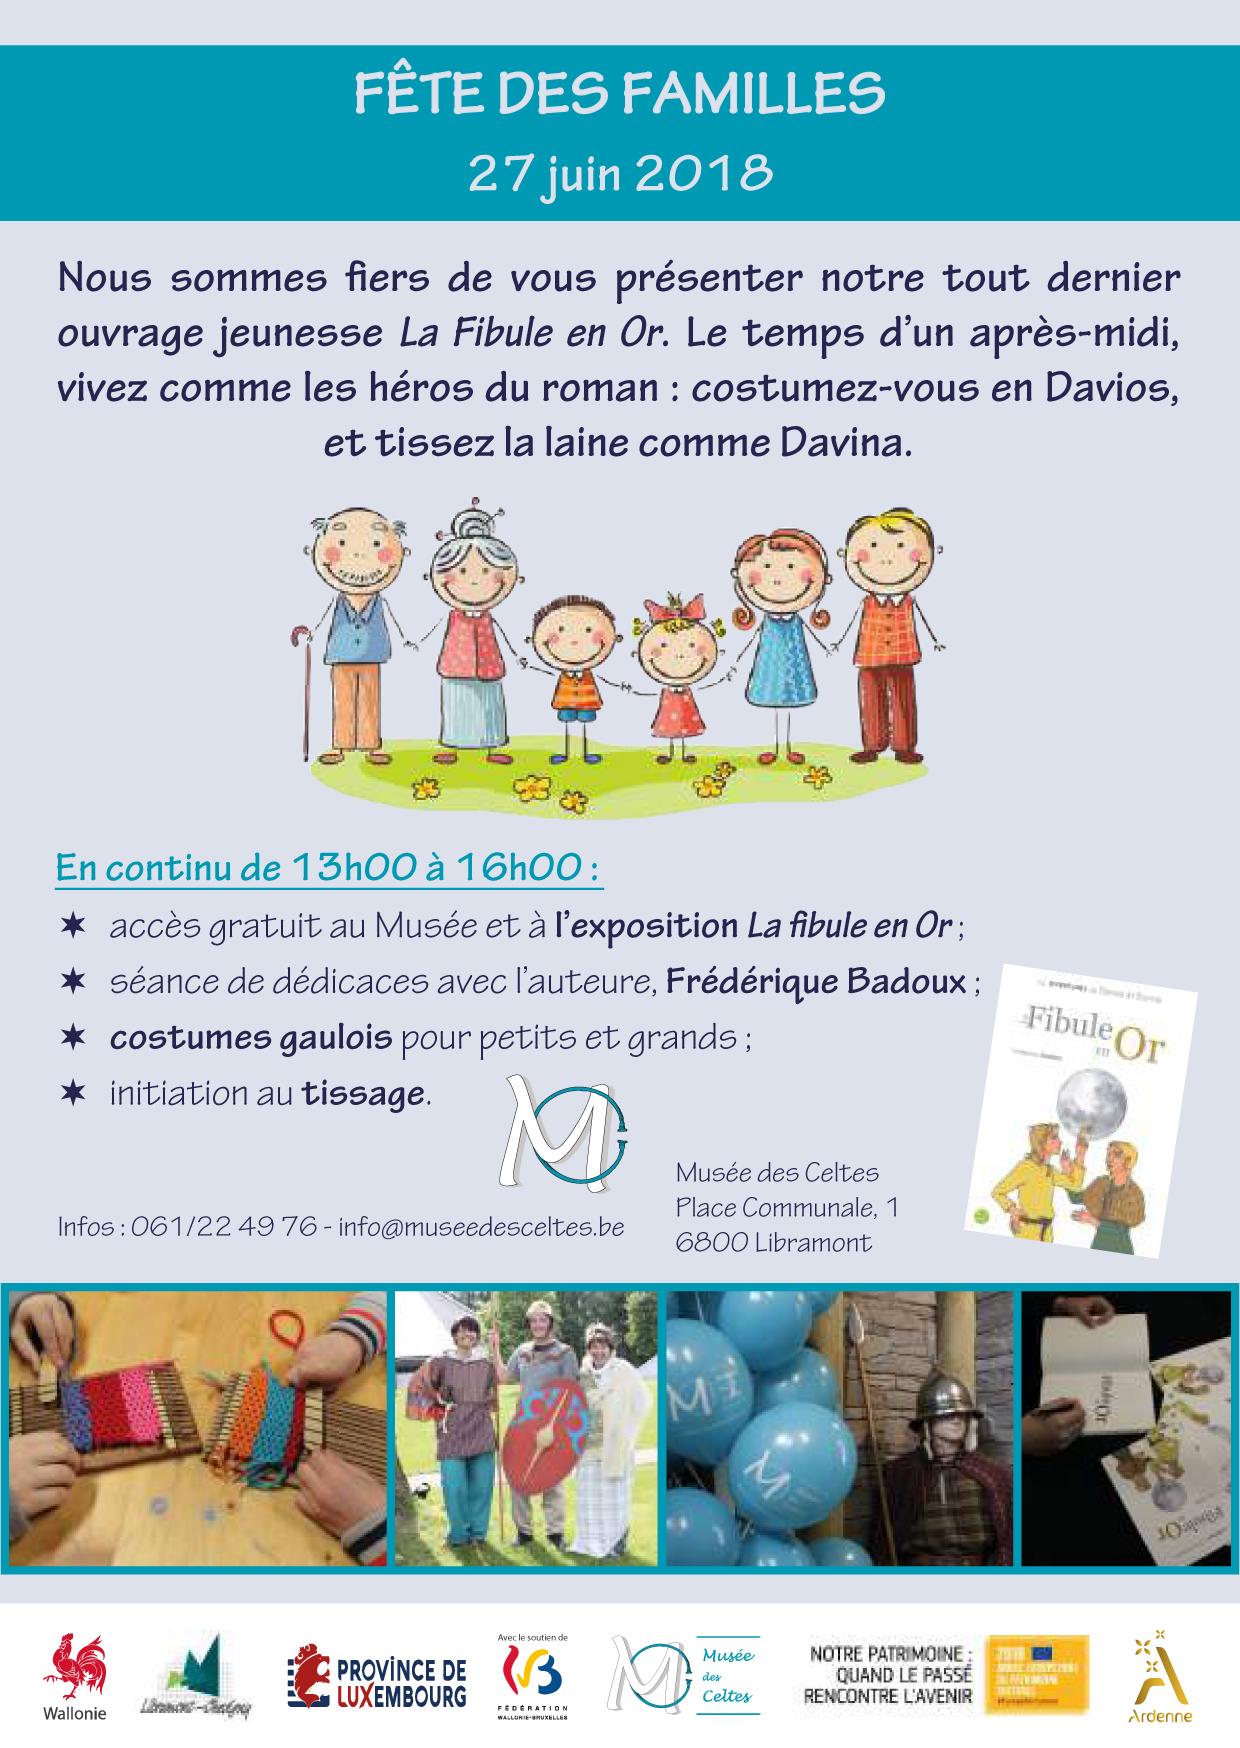 Fête des familles: animation autour du roman jeunesse La Fibule en Or photo